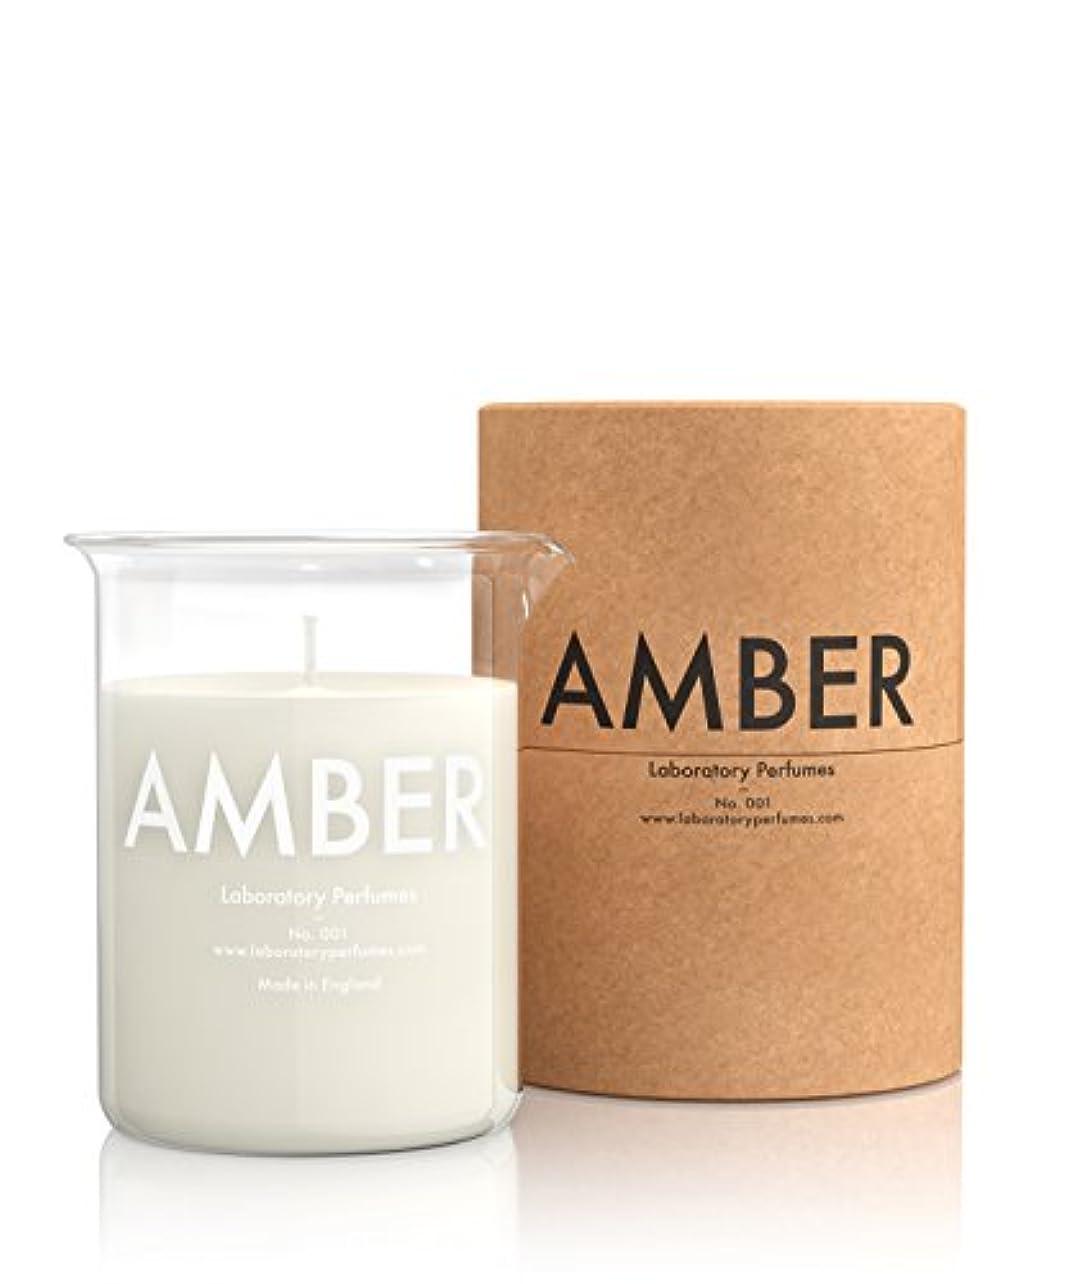 Labortory Perfumes キャンドル アンバー Amber (フローラルウッディー Floral Woody) Candle ラボラトリー パフューム